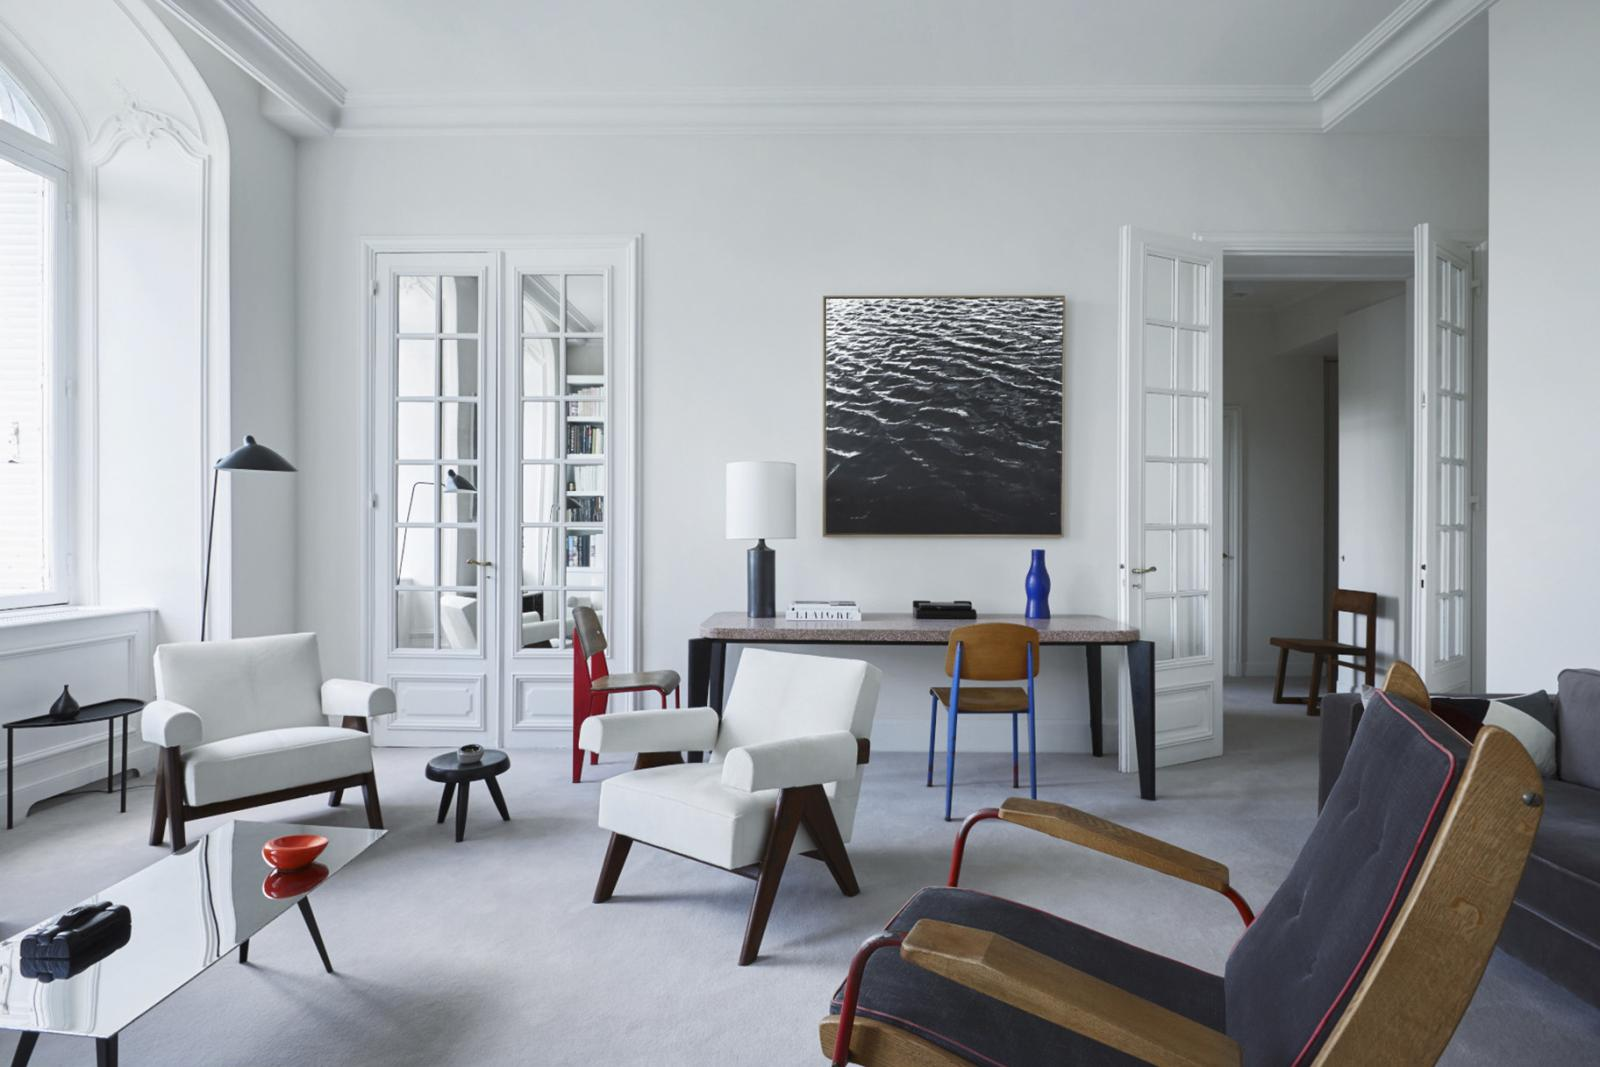 L'appartement parisien d'Emmanuel deBayser, avec des meubles de Jean Prouvé, Pierre Jeanneret, Charlotte Perriand et Ron Arad, céramiques et lampe de